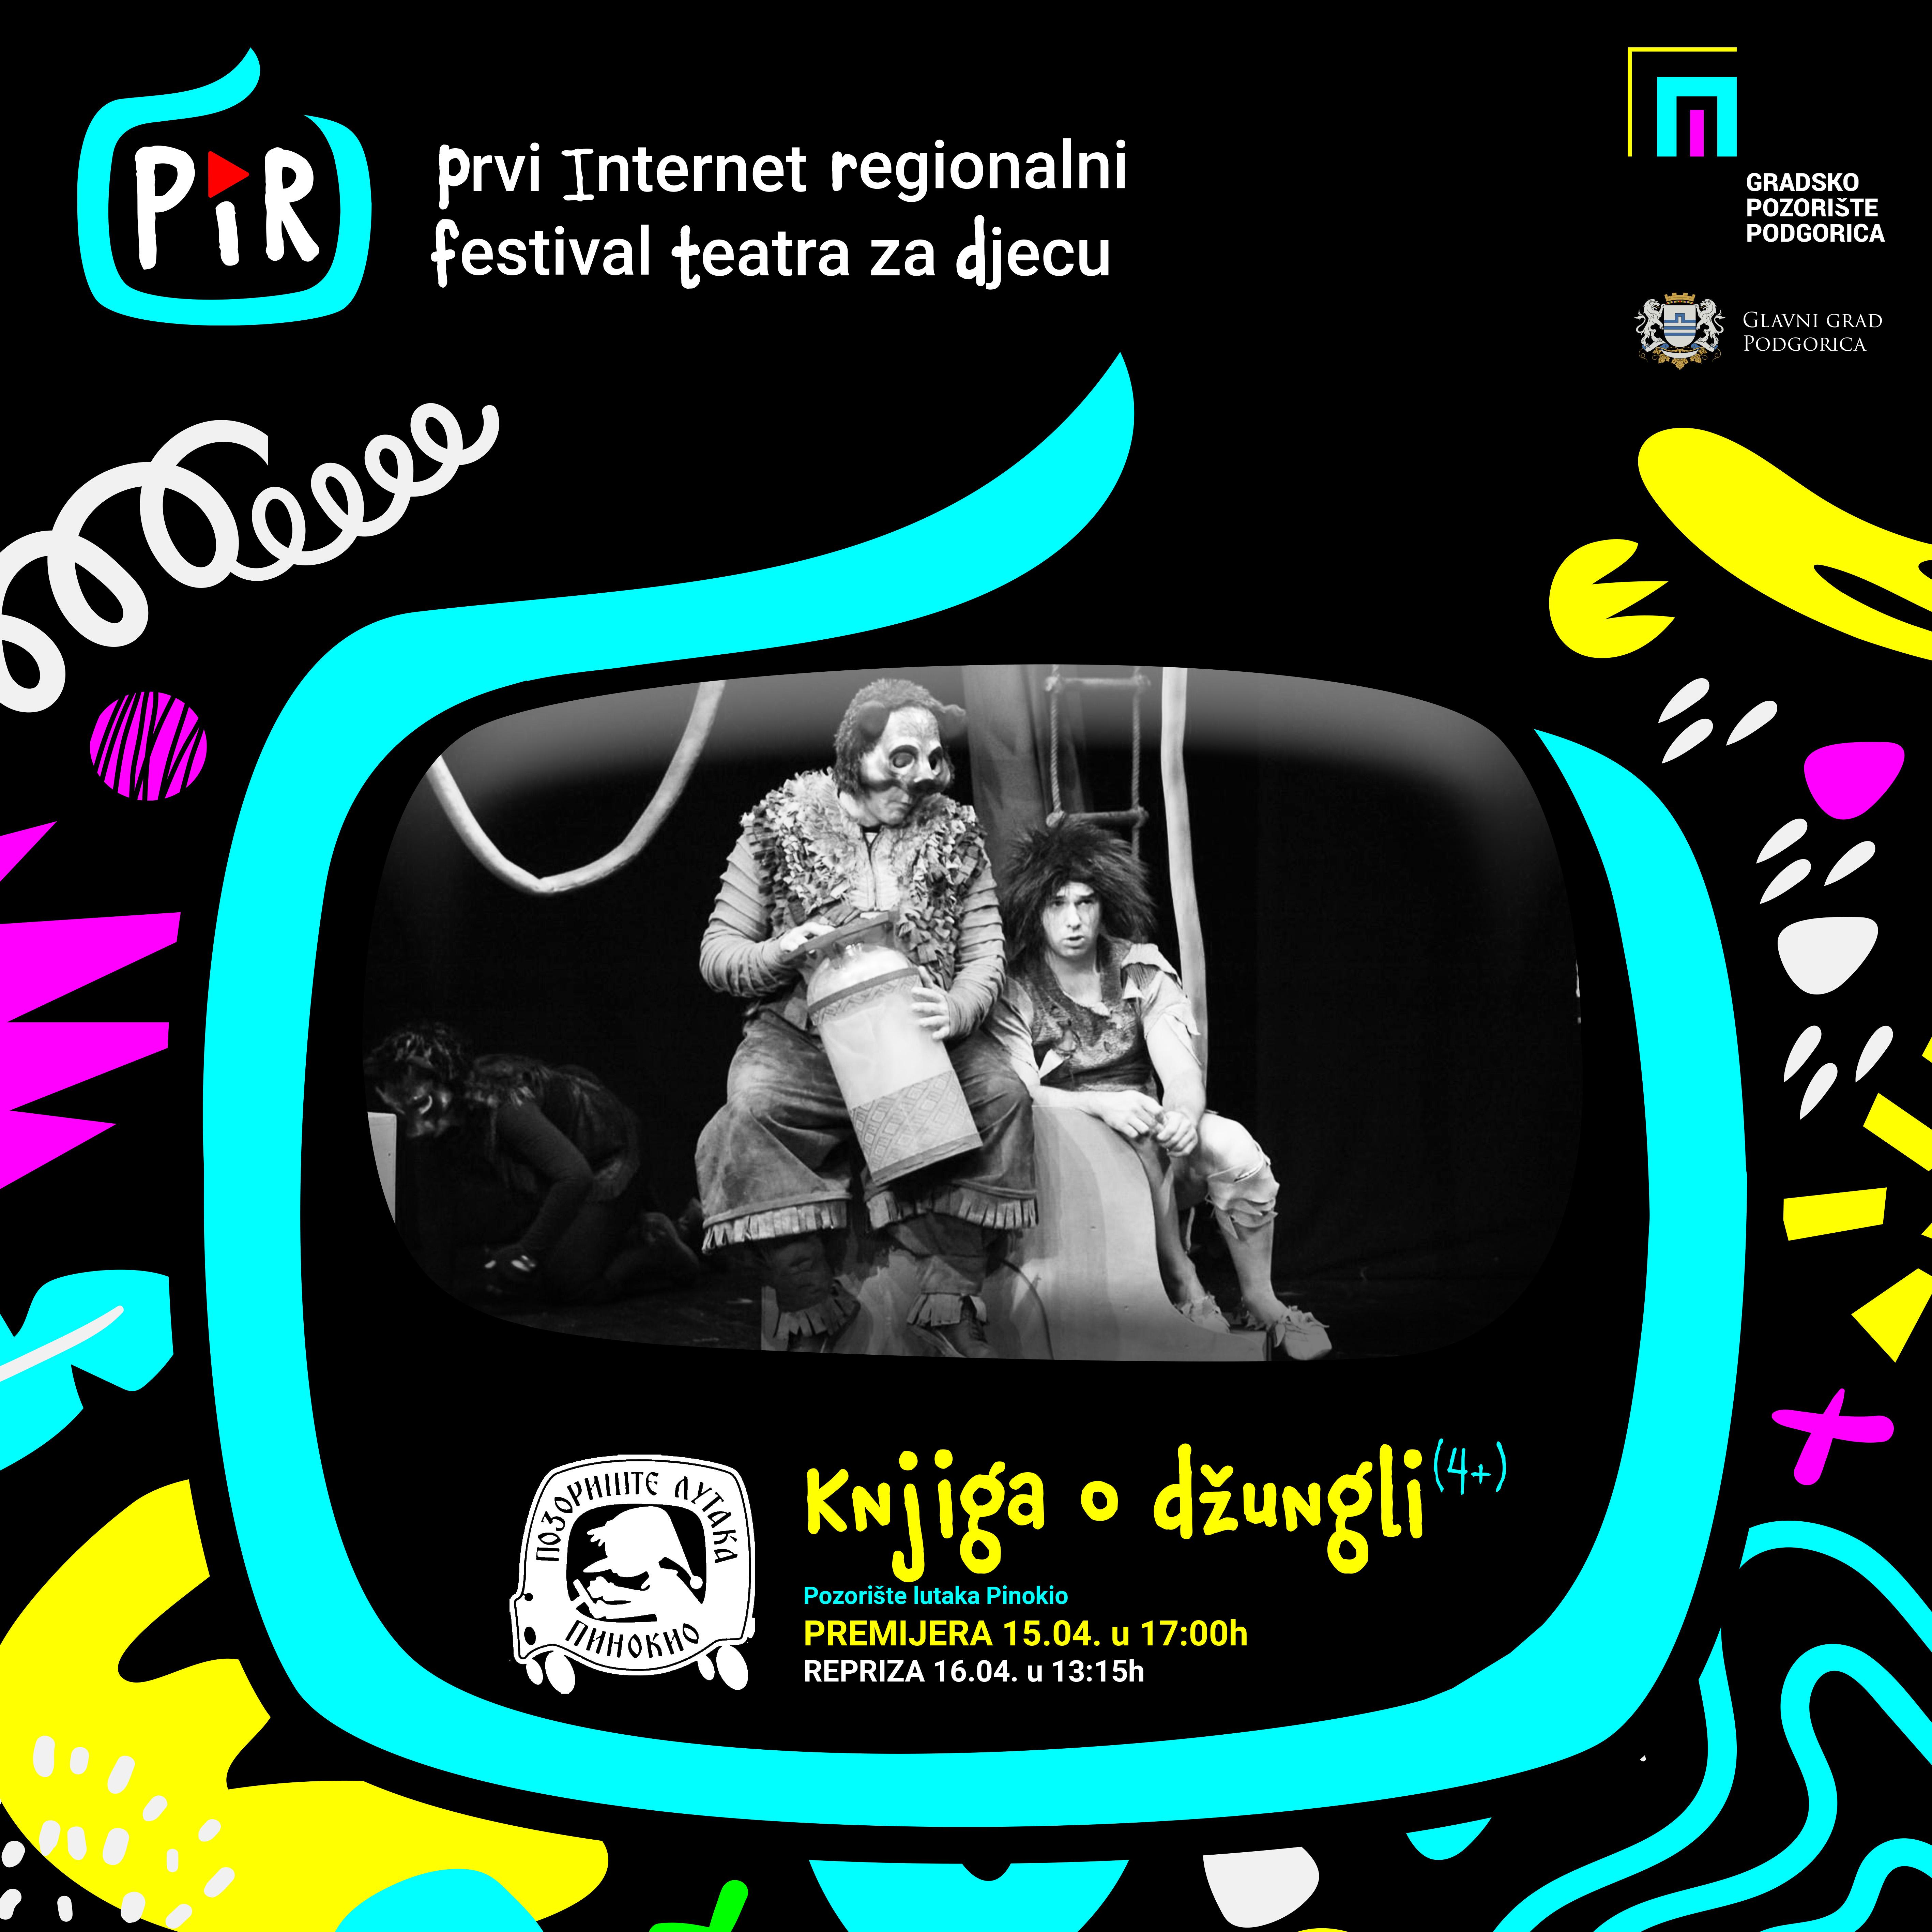 """Predstava ,,Knjiga o džungli"""" (4+) na PIR festivalu"""